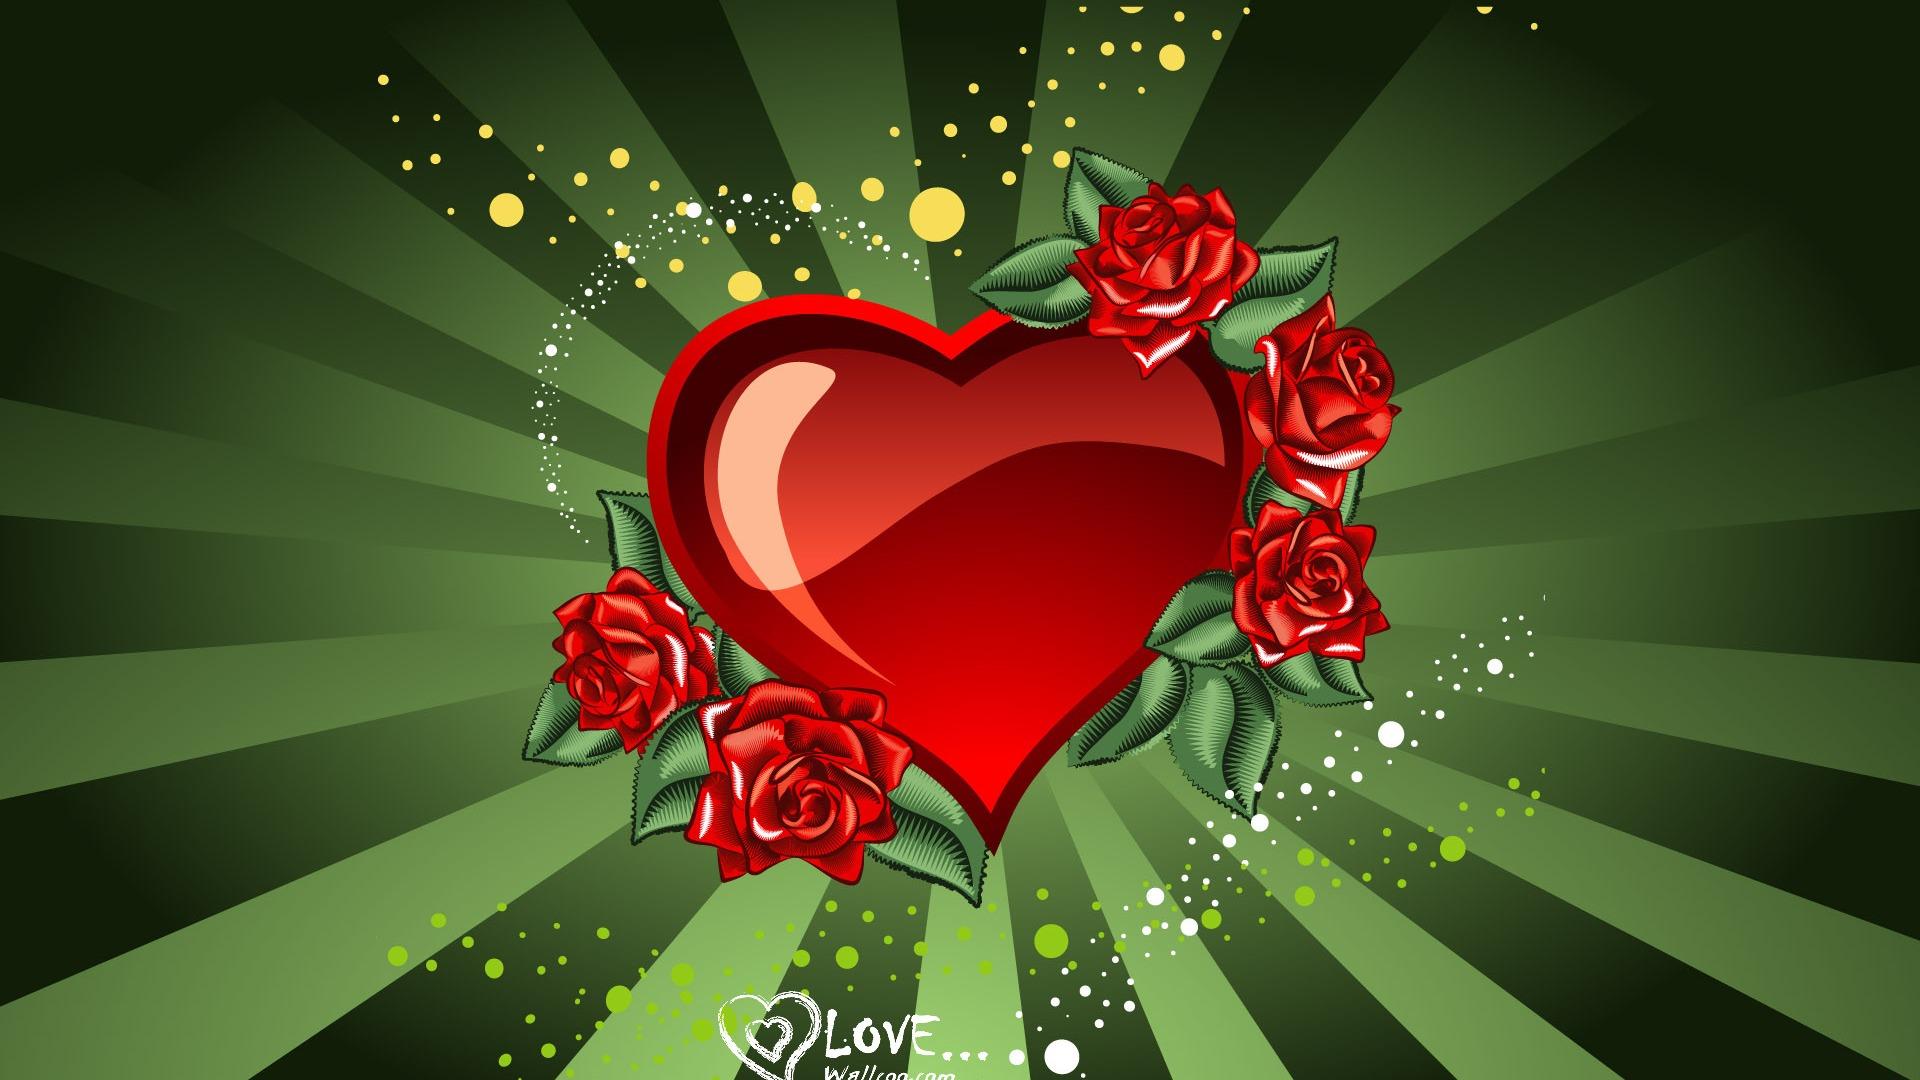 rose amour saint valentin en forme de cœur fonds d'écran de